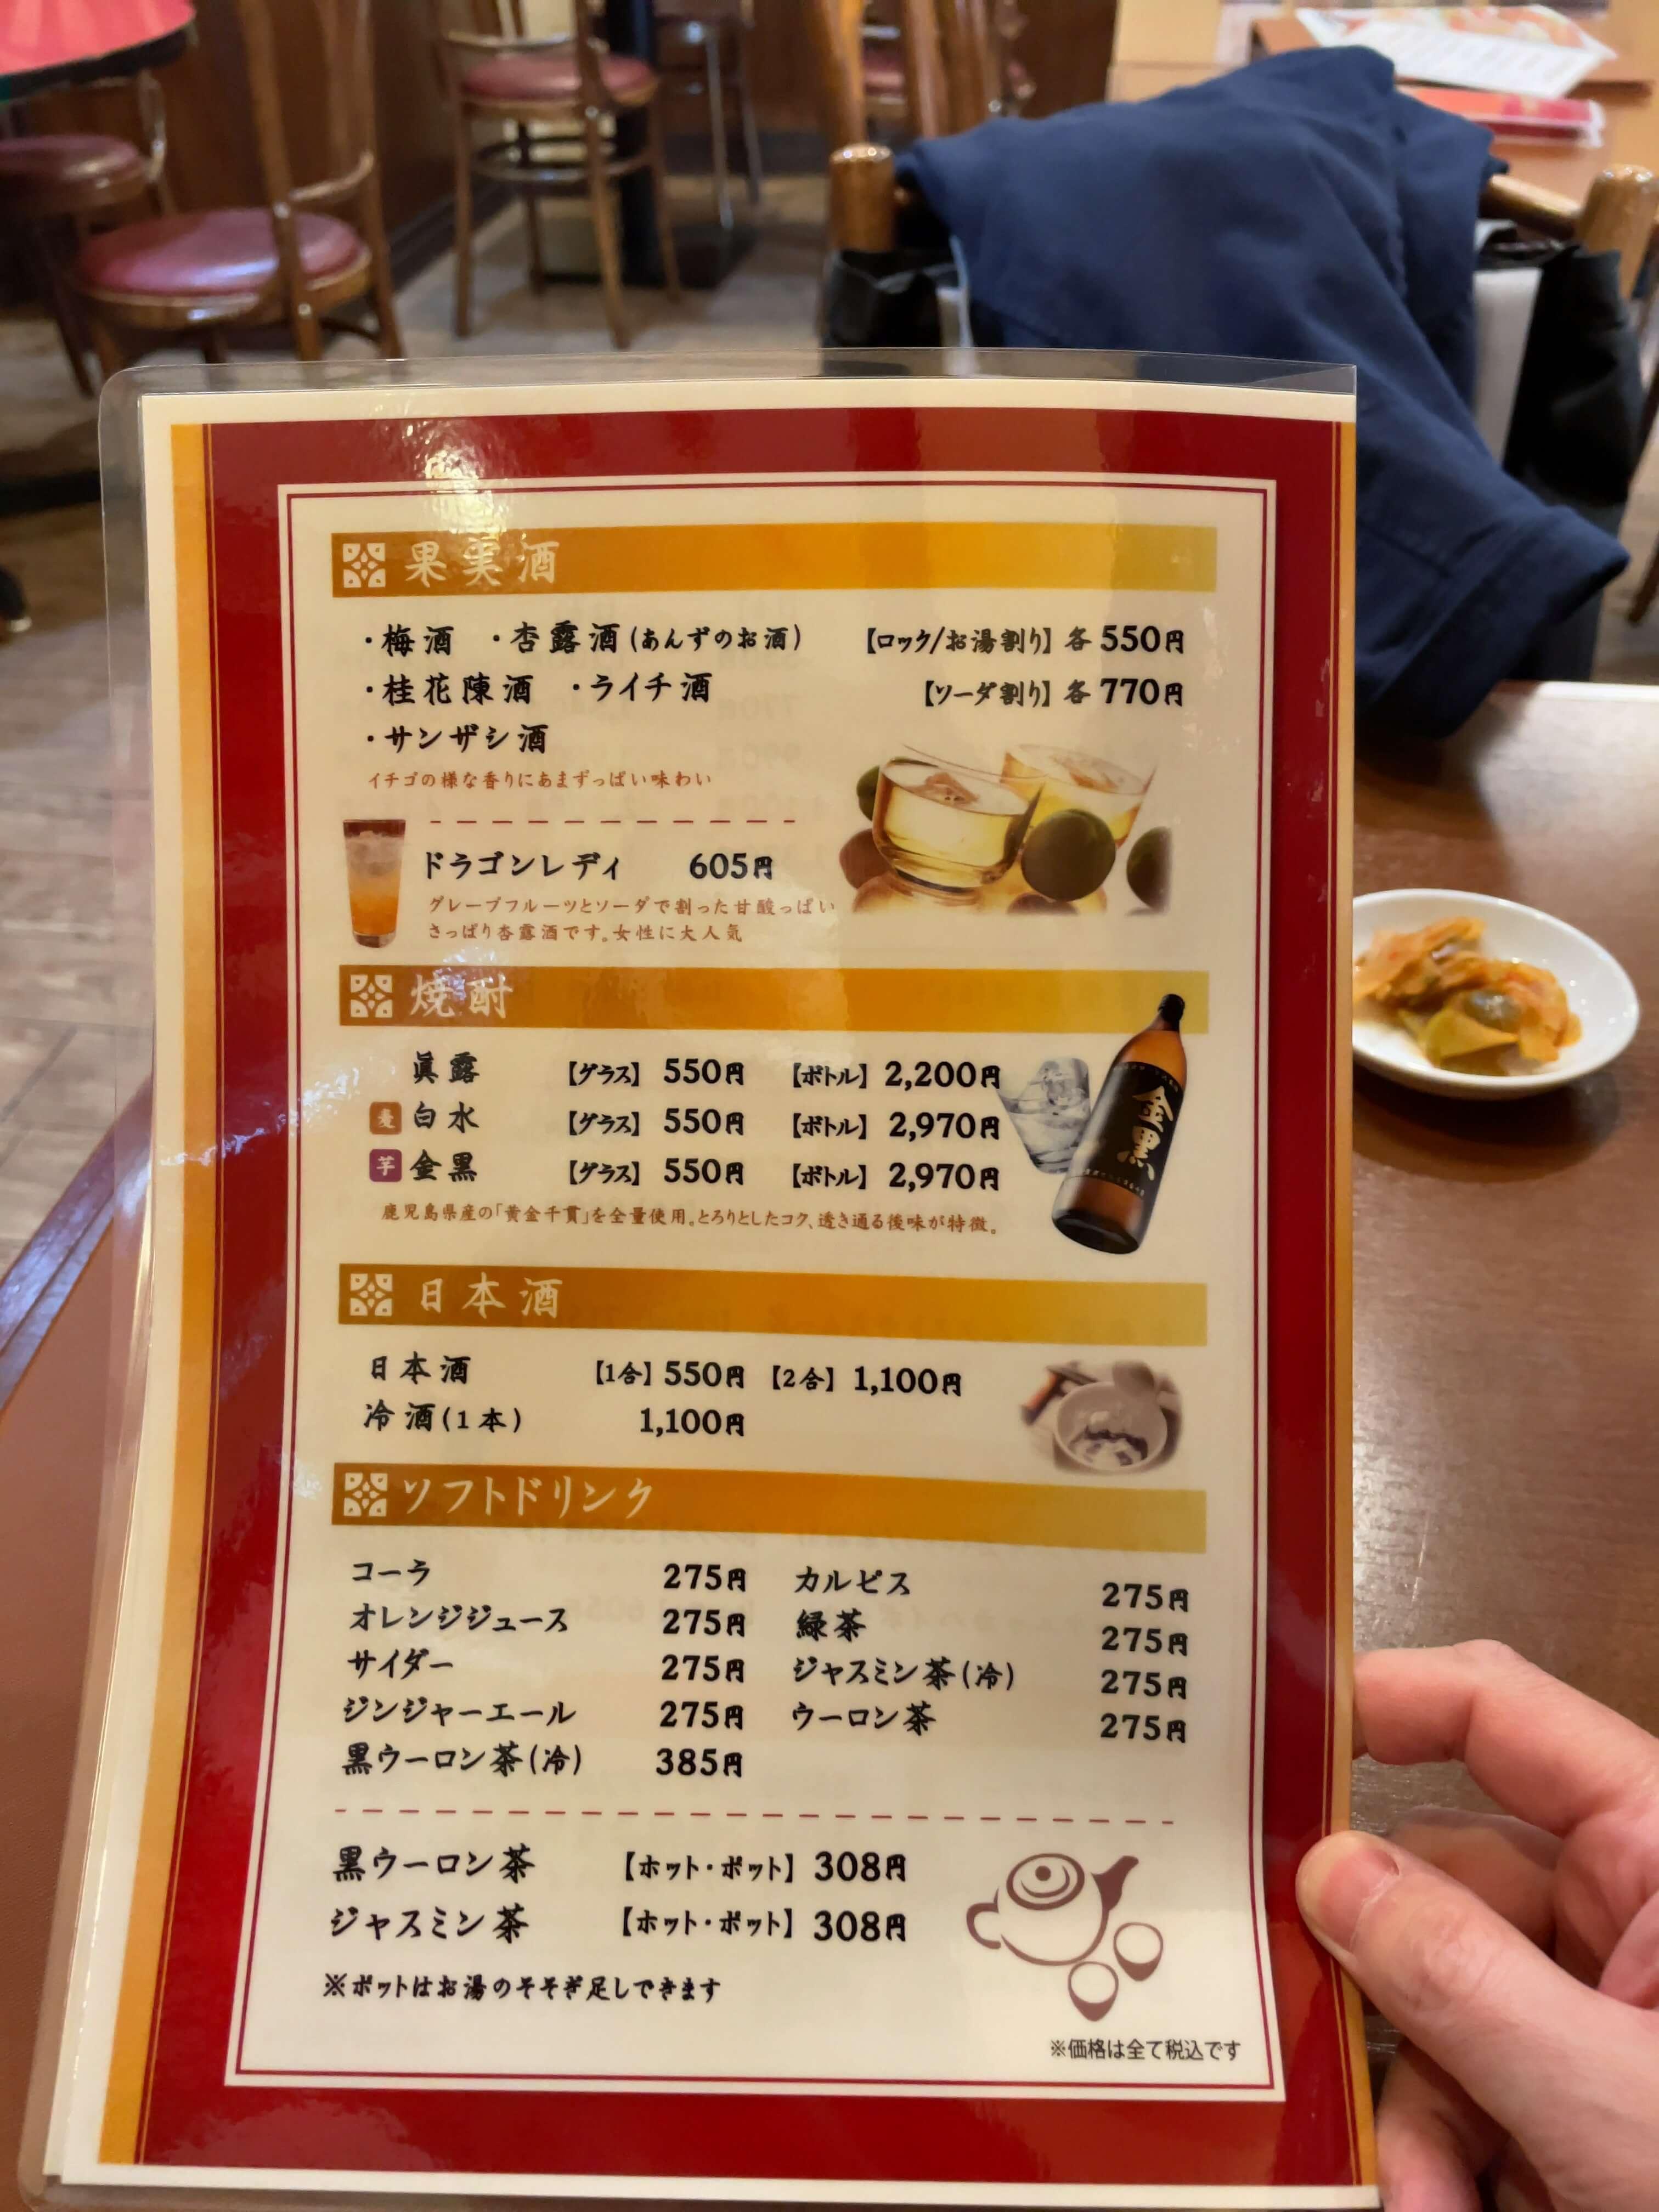 鼎鑫飯店メニュー 2021.03.26